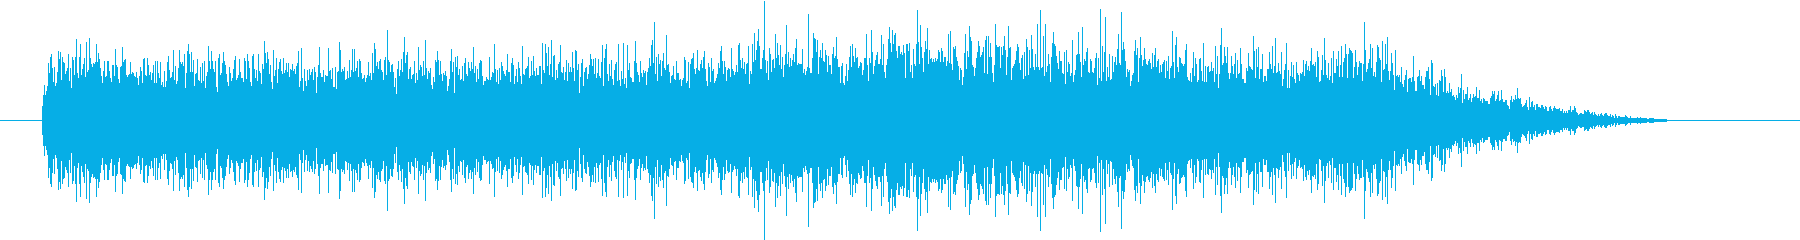 スプレー缶♪「シューッ」【効果音】の再生済みの波形